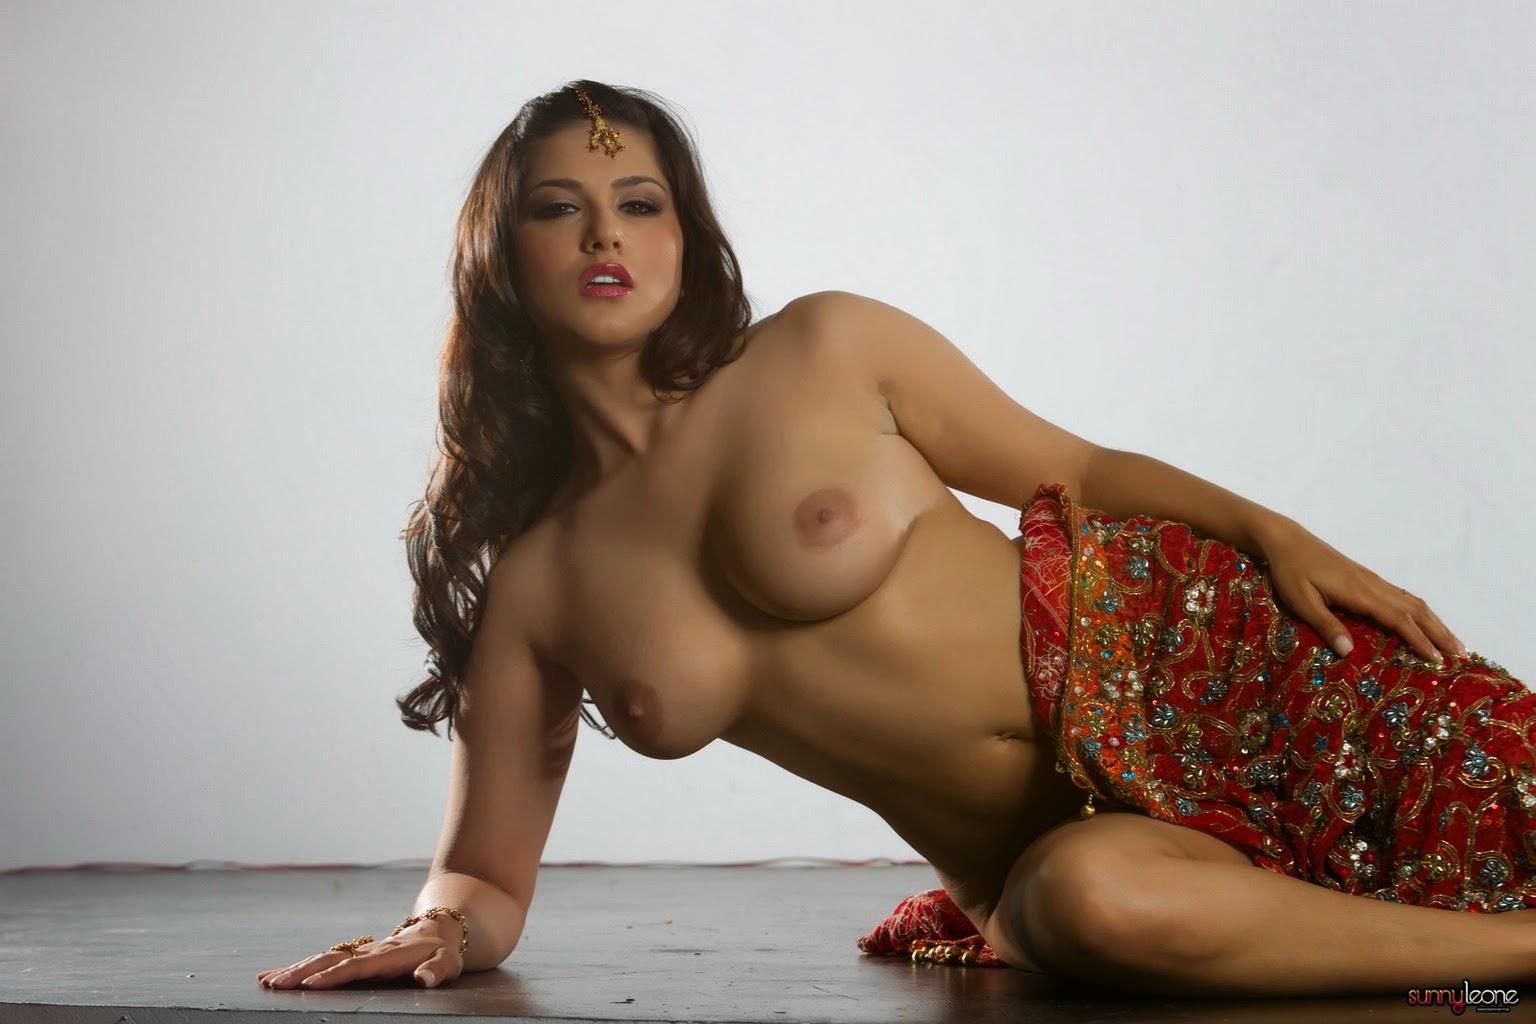 Эротика фото девушки индия, Фотографии голых девушек и женщин с Индии 3 фотография